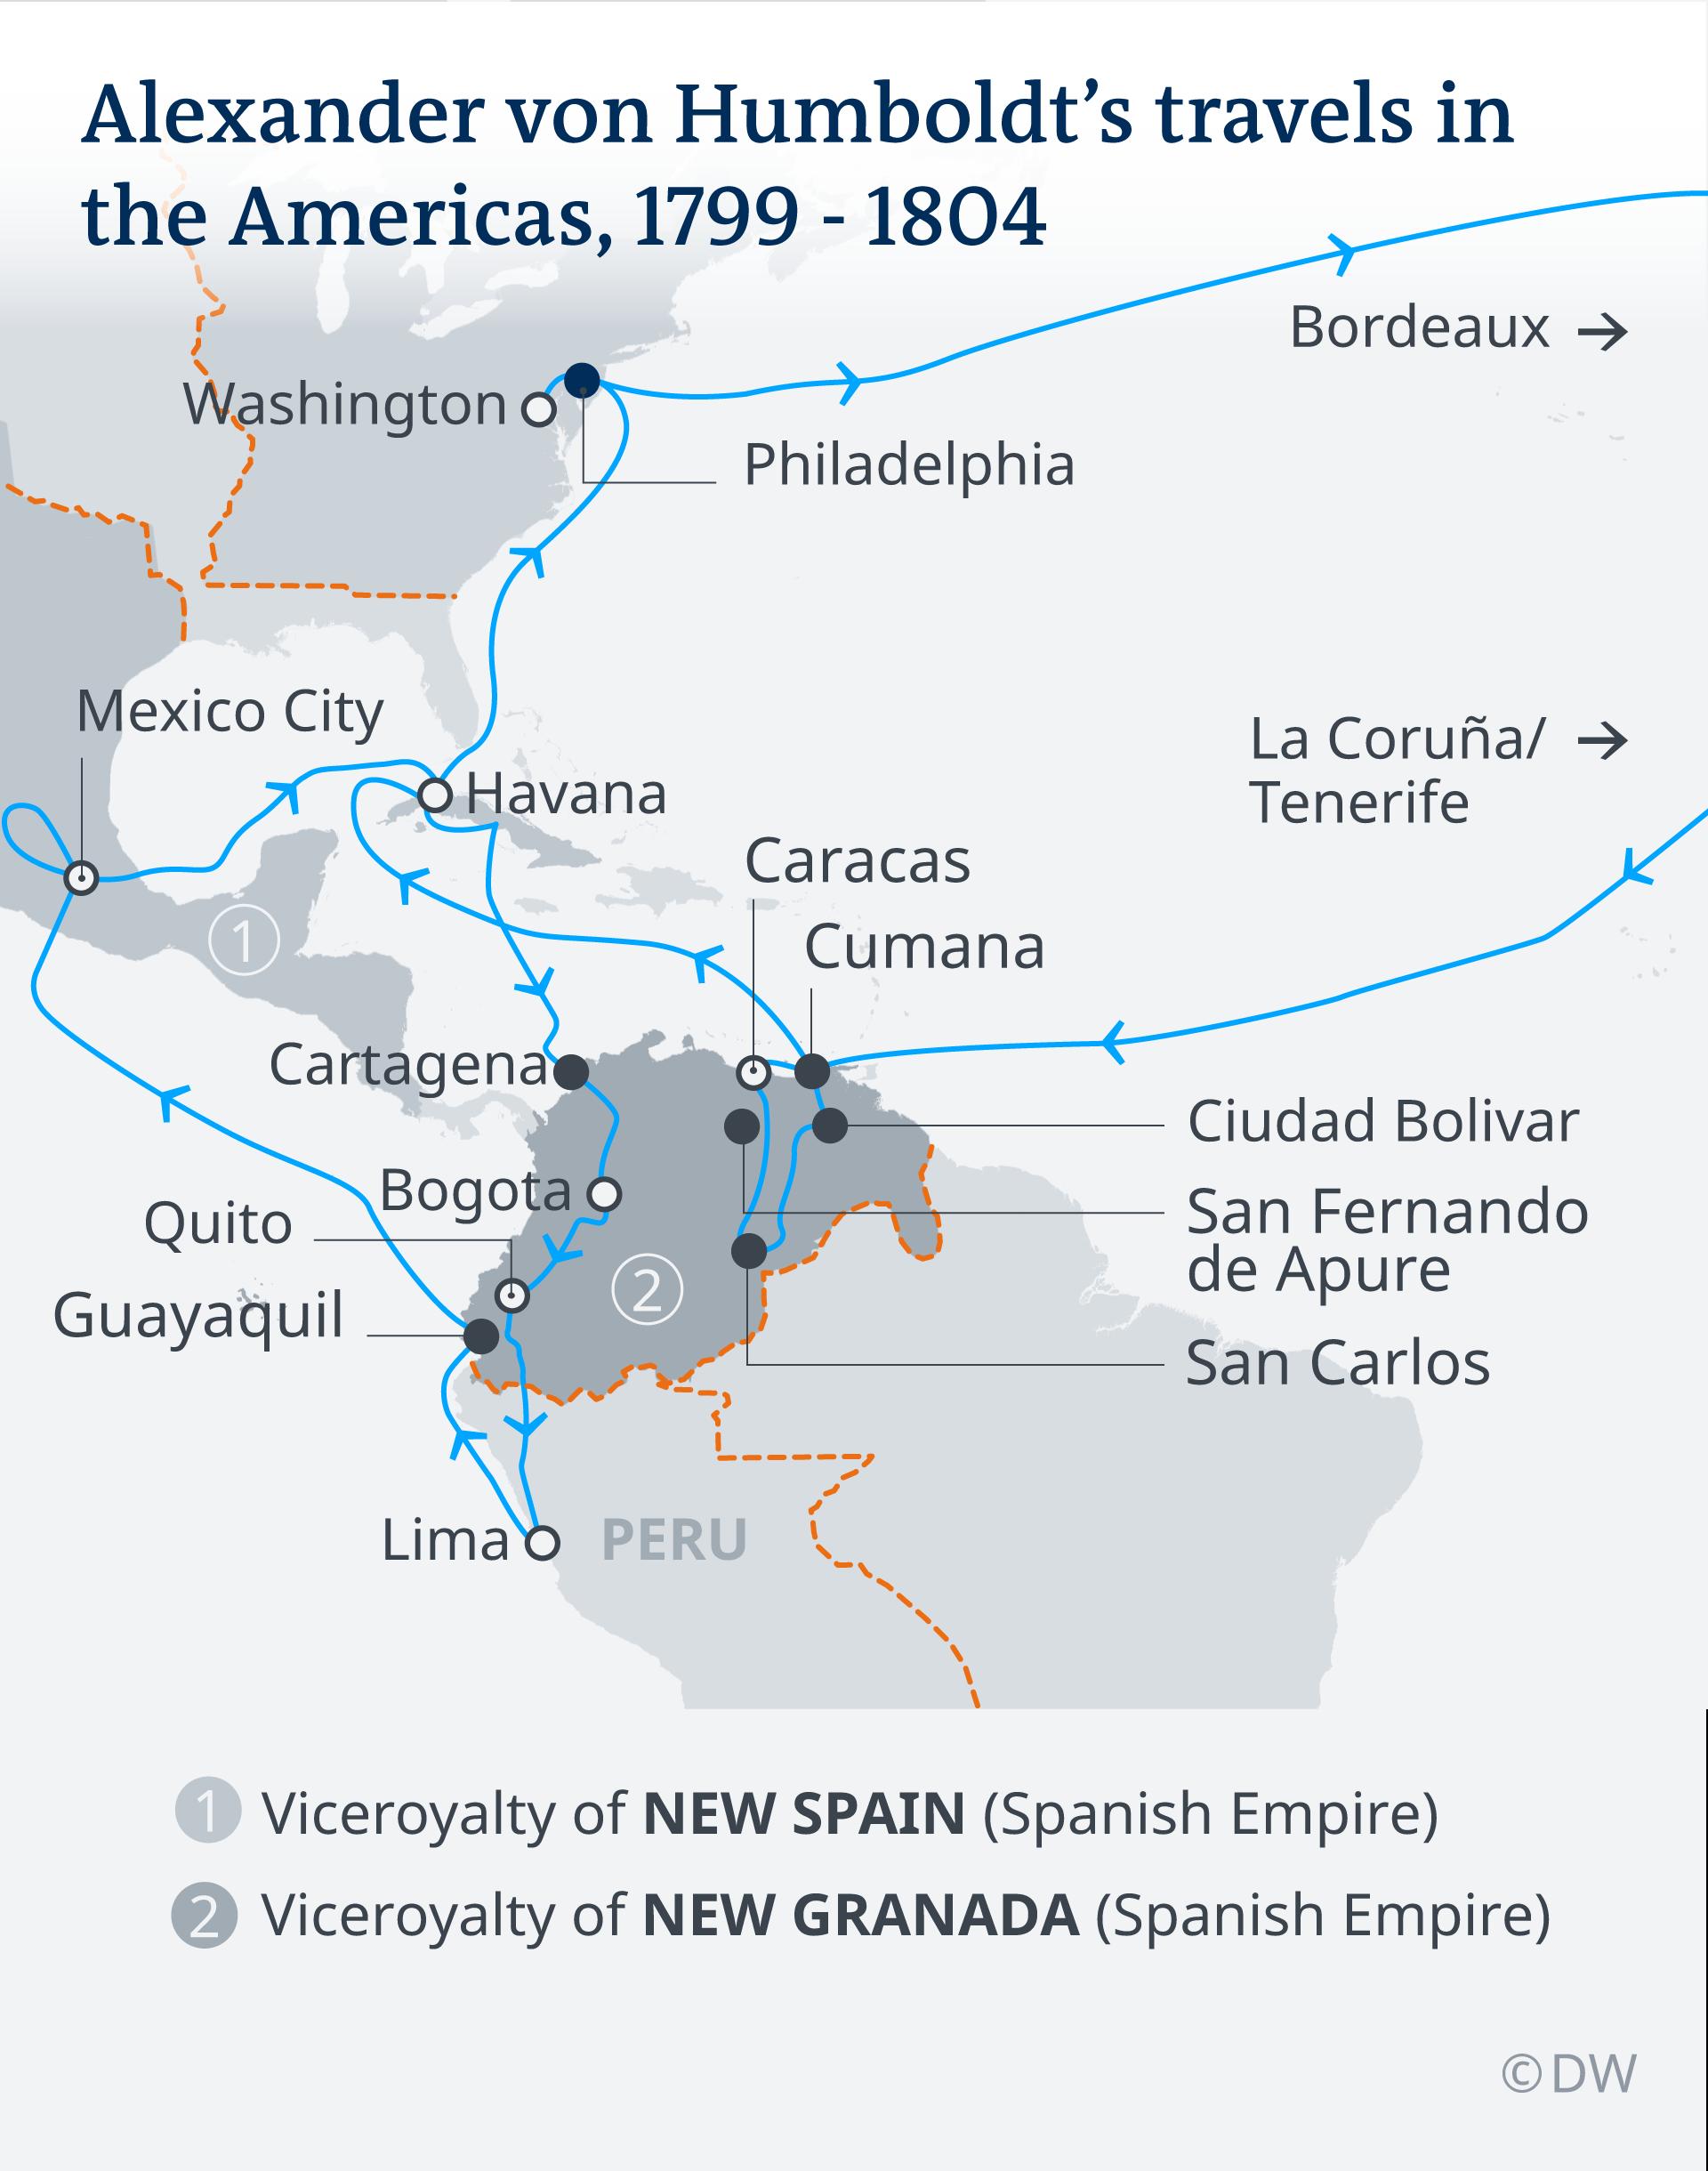 Alexander von Humboldt's trip through Spanish America